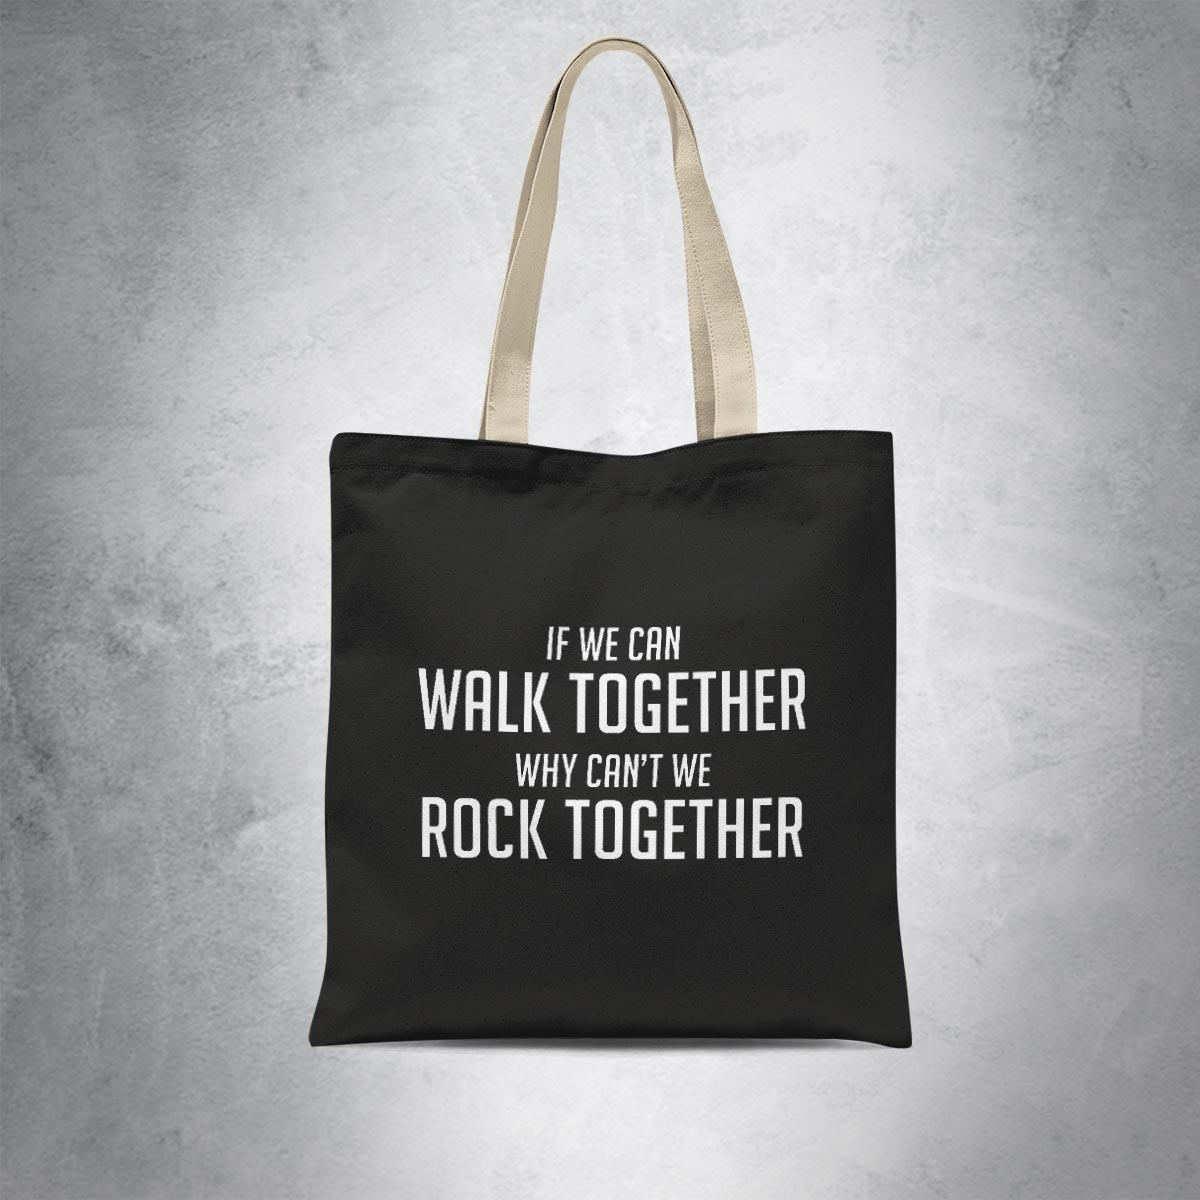 7 SECONDS - Walk Together Rock Together